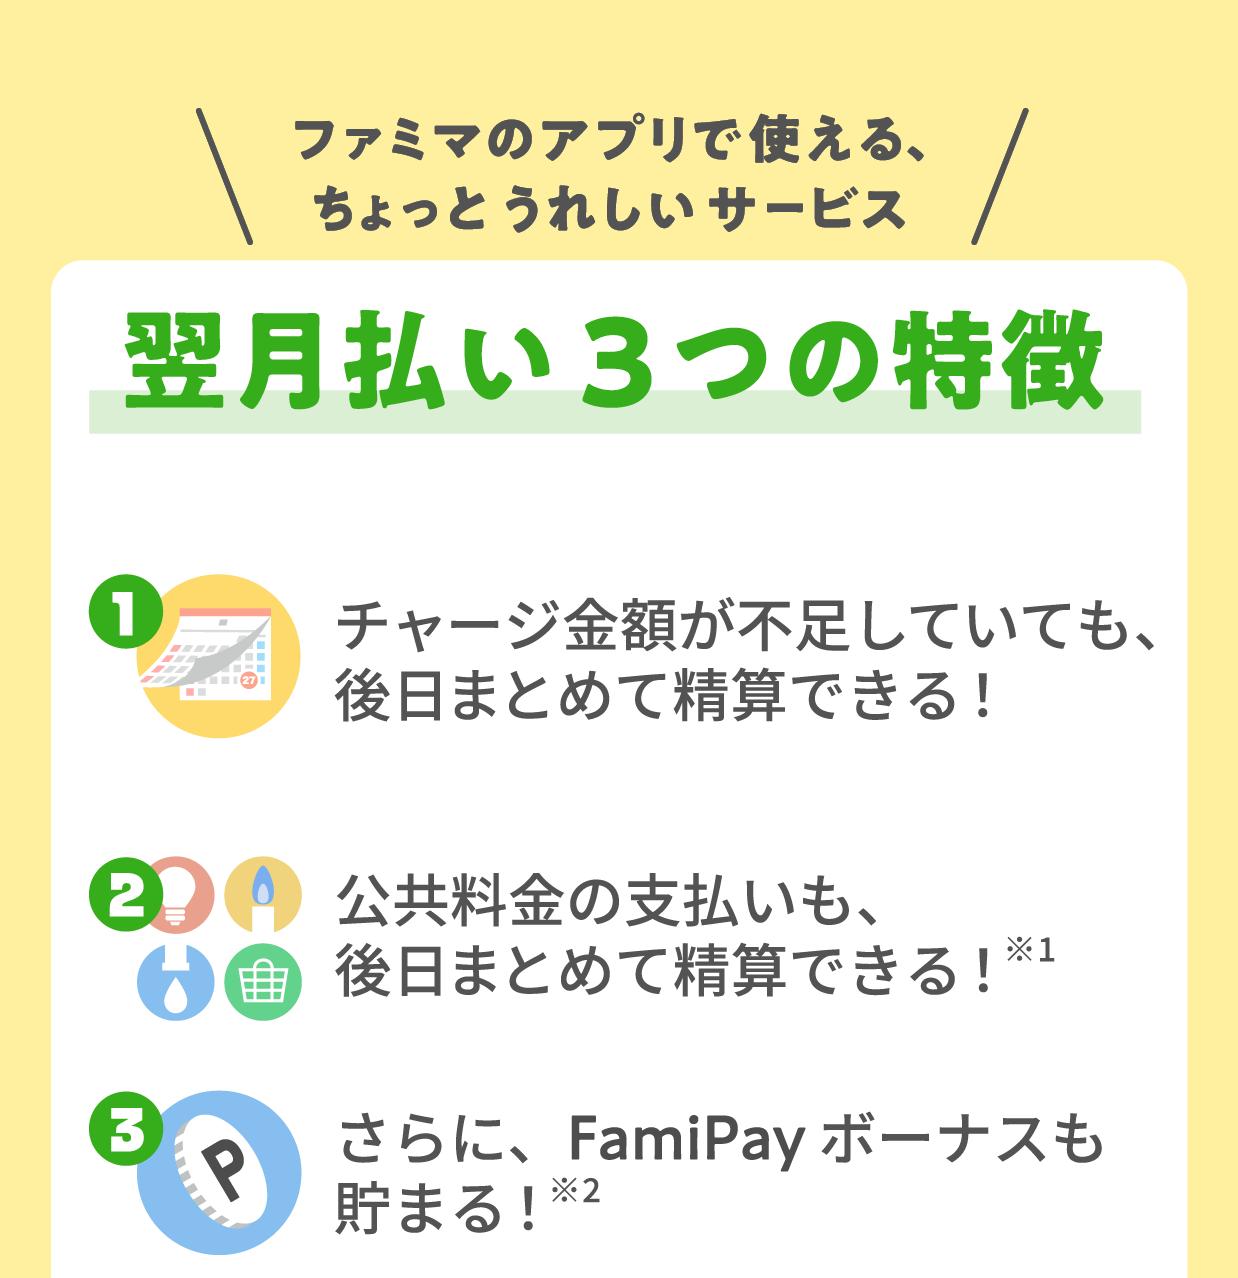 翌月払い3つの特徴